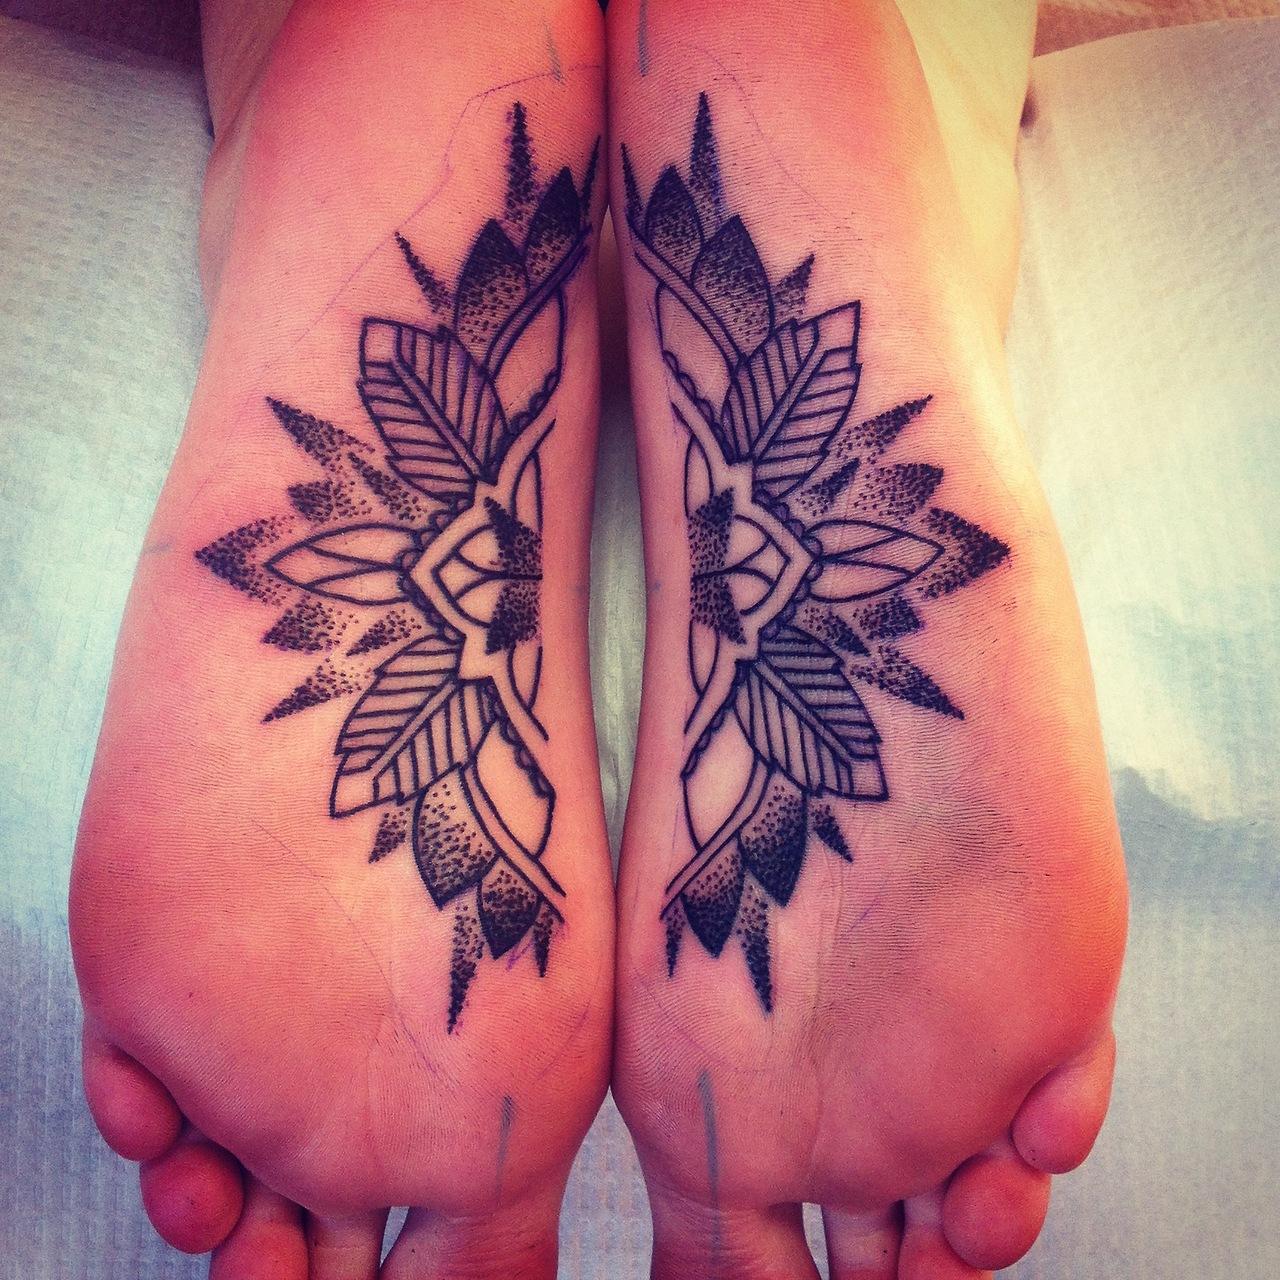 black ink mandala tattoos under foot. Black Bedroom Furniture Sets. Home Design Ideas